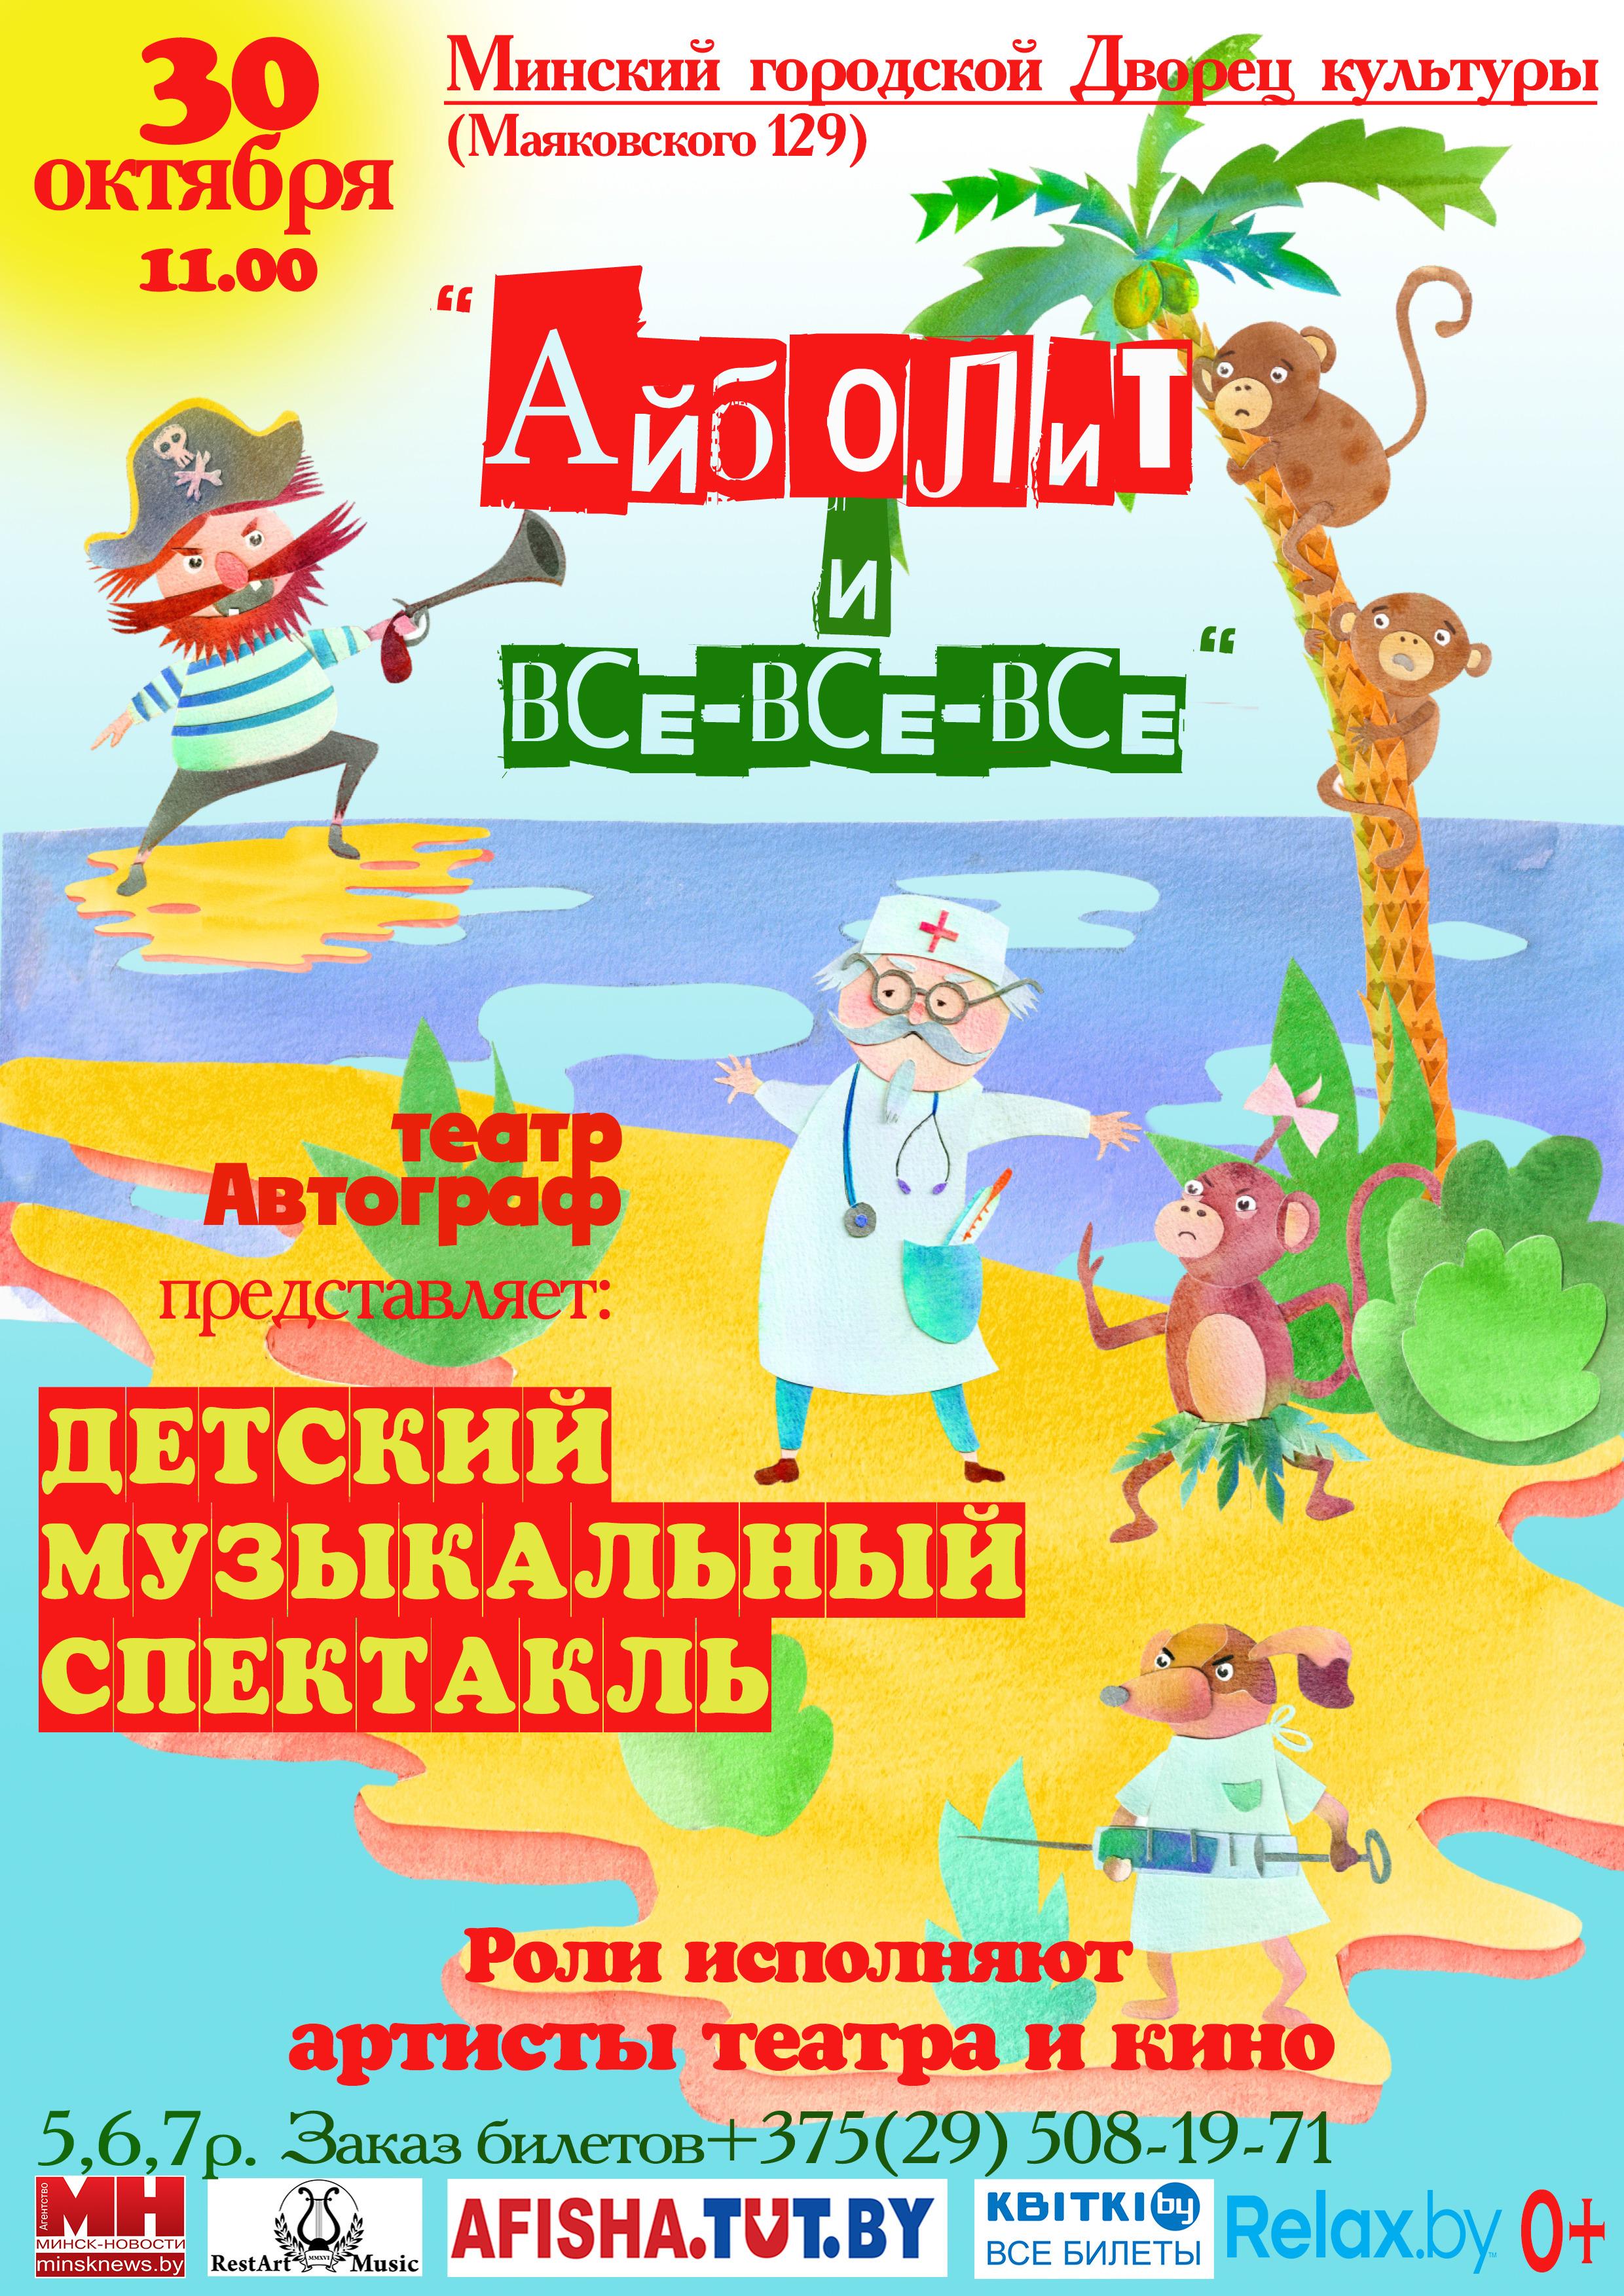 Спектакль Айболит от театра Автограф